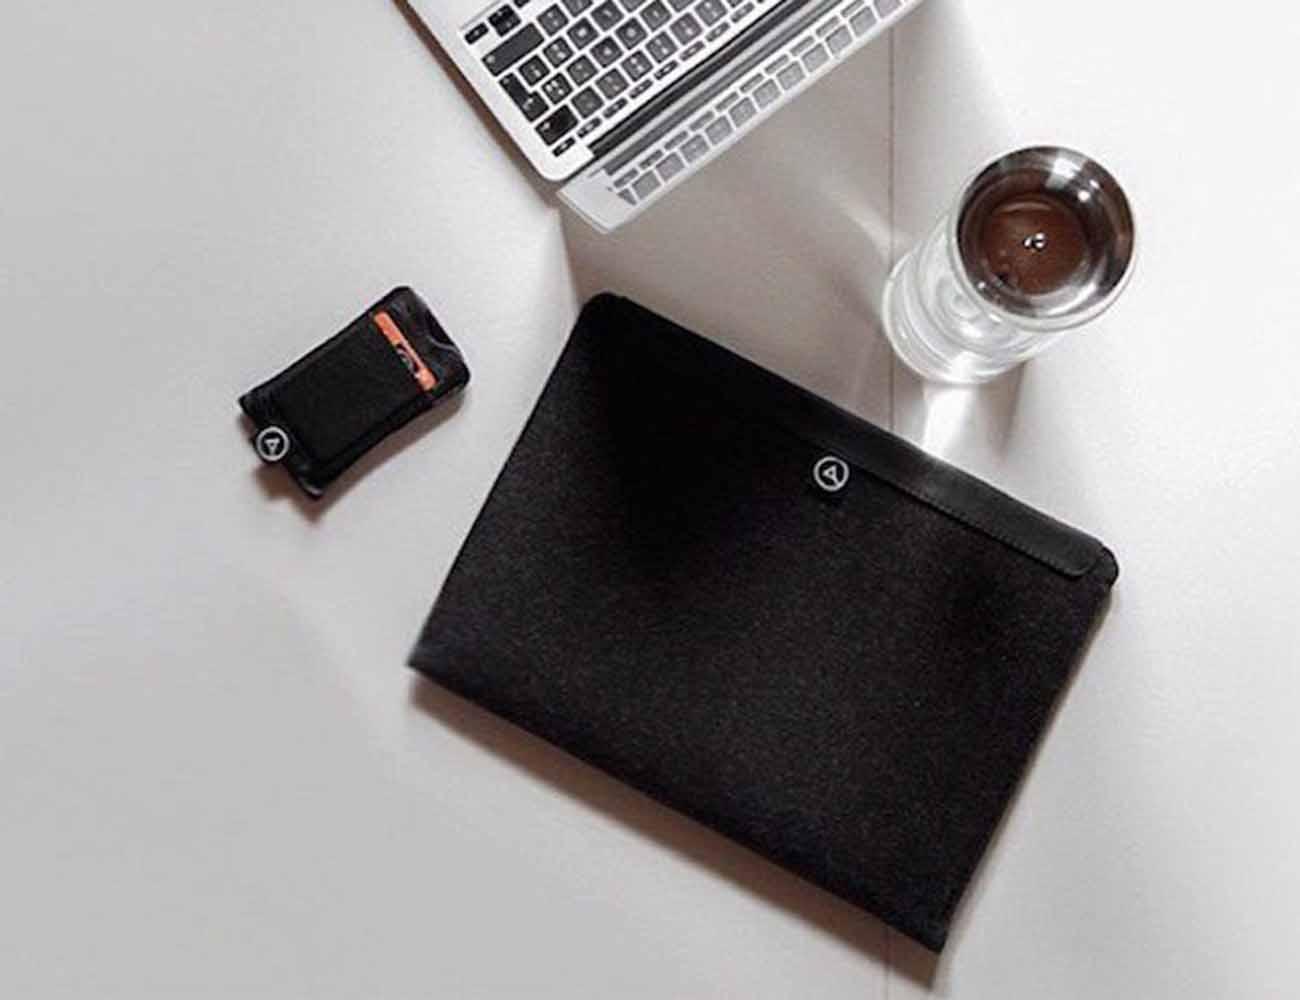 Flow Magnetic MacBook Sleeve by Aecraft